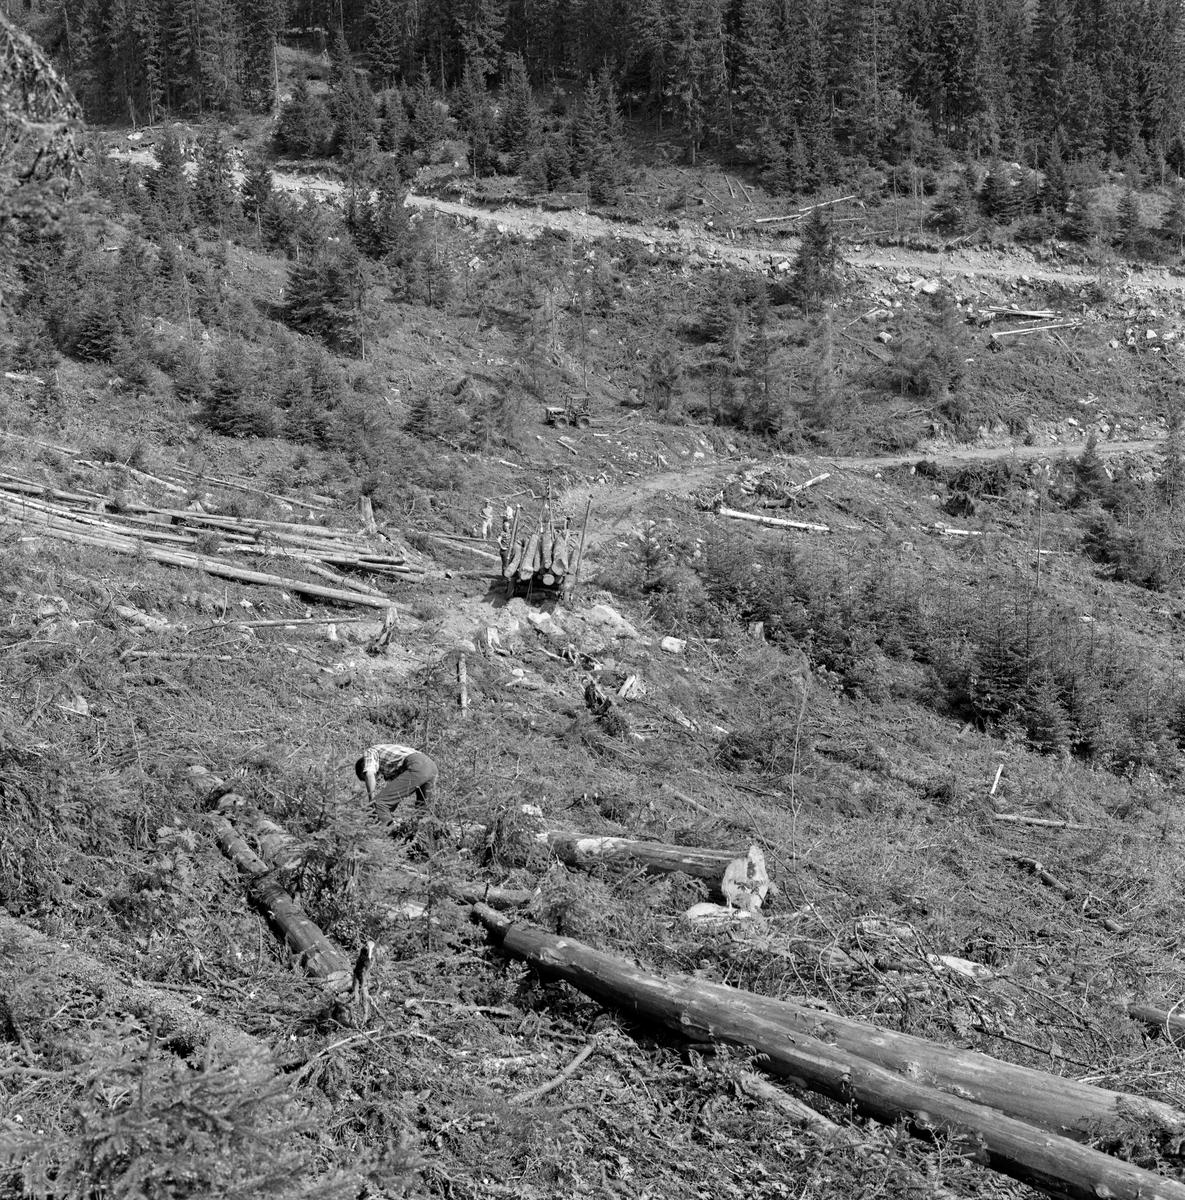 Skogbruksaktivitet slik den ble praktisert mange steder i Norge i 1960-åra. Vi har ikke eksakt informasjon om hvor eller når dette fotografiet ble tatt. Det er fra ei hogstflate i ei li der alle trær er felt, kvistet og kappet med motorsag. I forgrunnen sto en mann med dongeribukse og rutete bomullskjorte bøyde over en tømmerstokk som lå i baret, og som han muligens skulle barke. Manuell barking var for øvrig en aktivitet som var under utfasing i 1960-åra – stadig mer virke ble hentet ubarket ved de nye skogsbilvegene med traktorer eller lastebiler, og også fløtingsforeningene begynte å gjøre forsøk med ubarket virke. Noe lengre nede i lia, ved enden av en såkalt «samleveg», en sideveg til en «adkomstveg», gjorde det mulig å frakte tømmer på hjul fra driftsstedene i skogen til det offentlige vegnettet. I dette tilfellet er tømmerlasset fotografert bakfra, så vi ser ikke hvilken trekkraft som ble brukt. I 1960 ble hest fortsatt ansett for å være det rimeligste transportmiddelet over korte avstander i skogen, men på vegene var lastebilen det prisgunstigste alternativet. Enkelte skogeiere, som hadde jordbrukstraktor, valgte likevel å bruke den for å få tømmeret fram til velteplasser der det var hensiktsmessig å få det over på lastebil. Vegbygging var en sentral aktivitet i norsk skogbruk de første tre tiåra etter 2. verdenskrig. Det var viktig å legge an arbeidet slik at man i størst mulig utstrekning fikk utnyttet skogens produksjonsevne med den nye driftsteknologien som vant innpass i den samme perioden. Under planlegginga av skogsbilveger var det et viktig premiss at anleggsomkostningene skulle vurderes i forhold til antatt transportgevinst, som igjen var avhengig av avvirkningskvantumet i vegenes nærområder i overskuelig framtid. Det var åpenbart at anleggskostnadene ville variere etter hvilken kvalitet vegen skulle få, etter hvordan terrenget var og etter hva slags mark den skulle legges på. Billigst var det å legge vegene der det var bæredyktige løsmasser. Morene